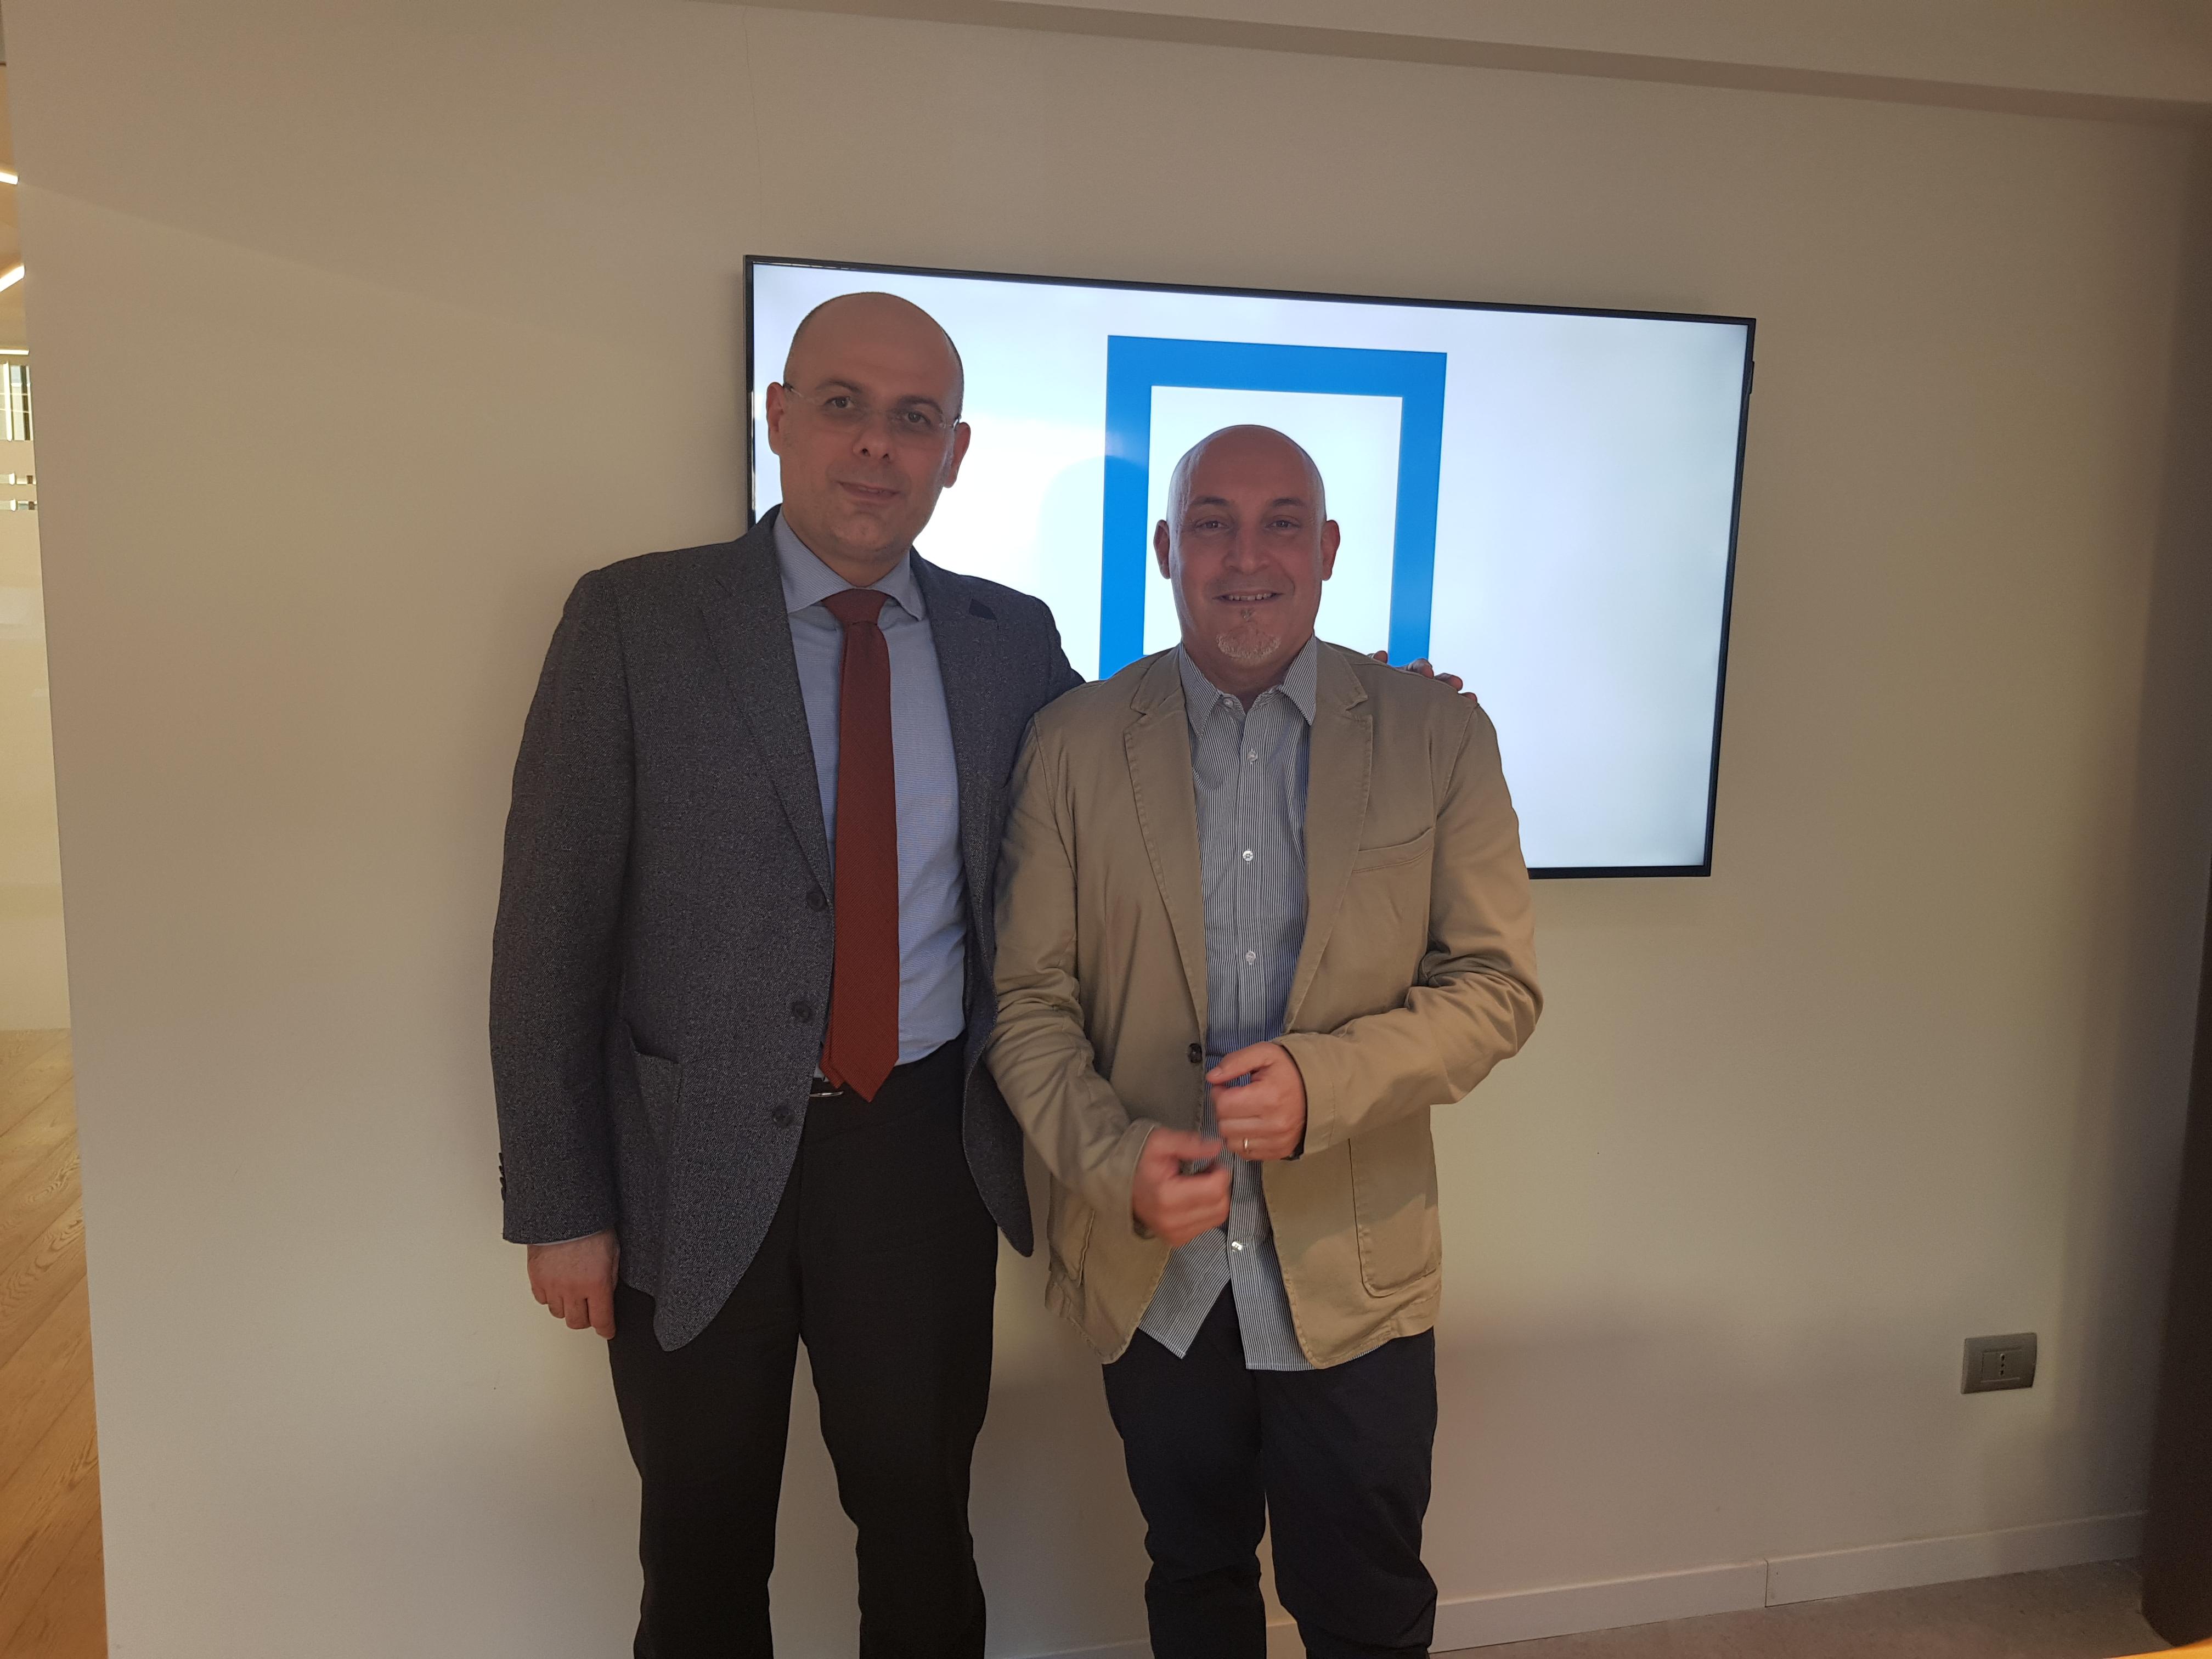 Alessandro Cavazza - Gattinoni , Stefano Severi - Travel Manager TEDDY